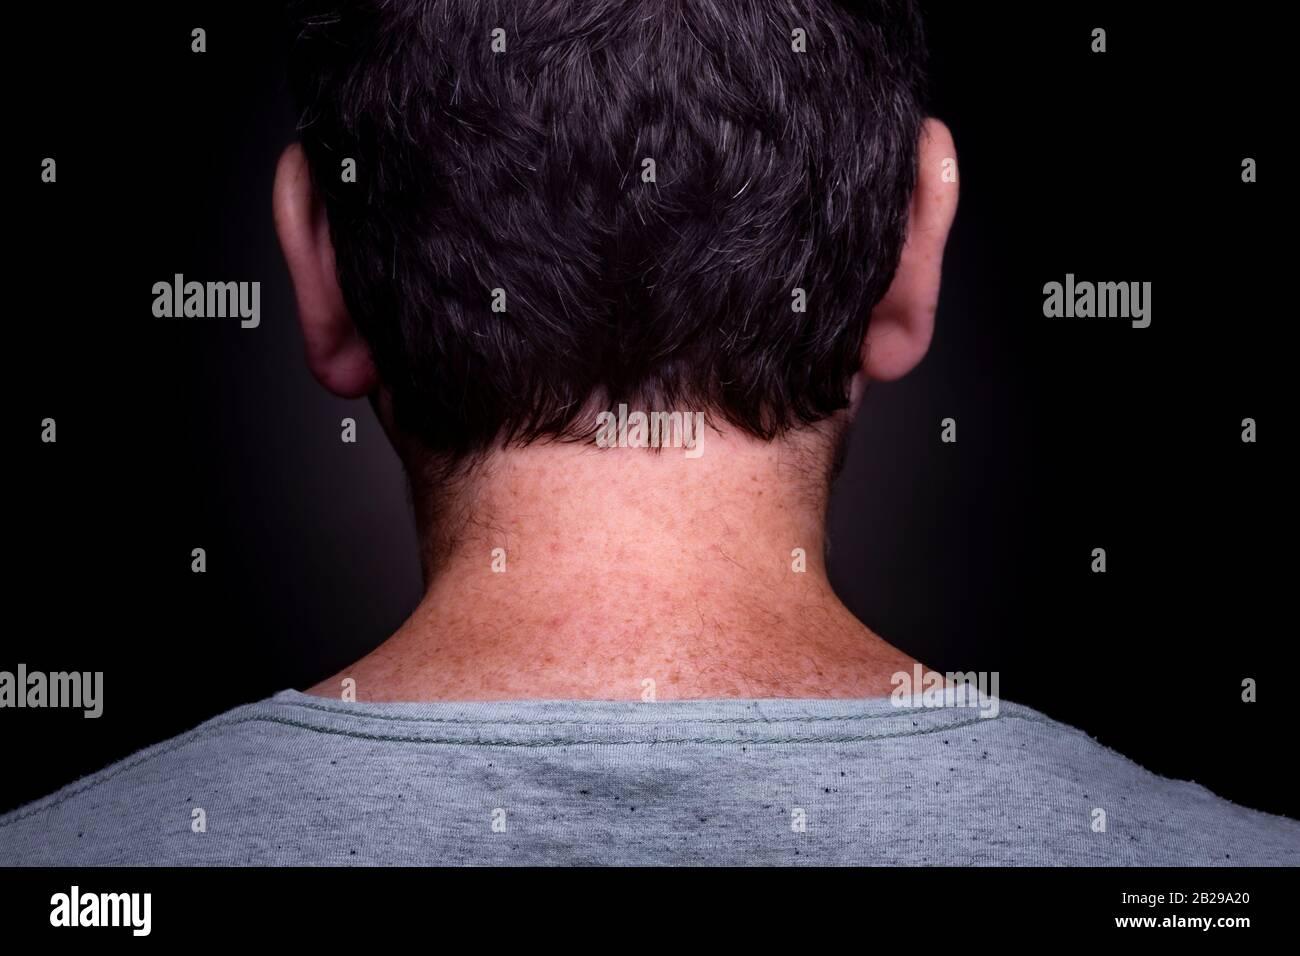 Anonymer kaukasischer Mann mit kurzem braunem Haar und graugrünem Hemd an und freckelt in seinem Nacken von hinten vor dunklem Hintergrund Stockfoto